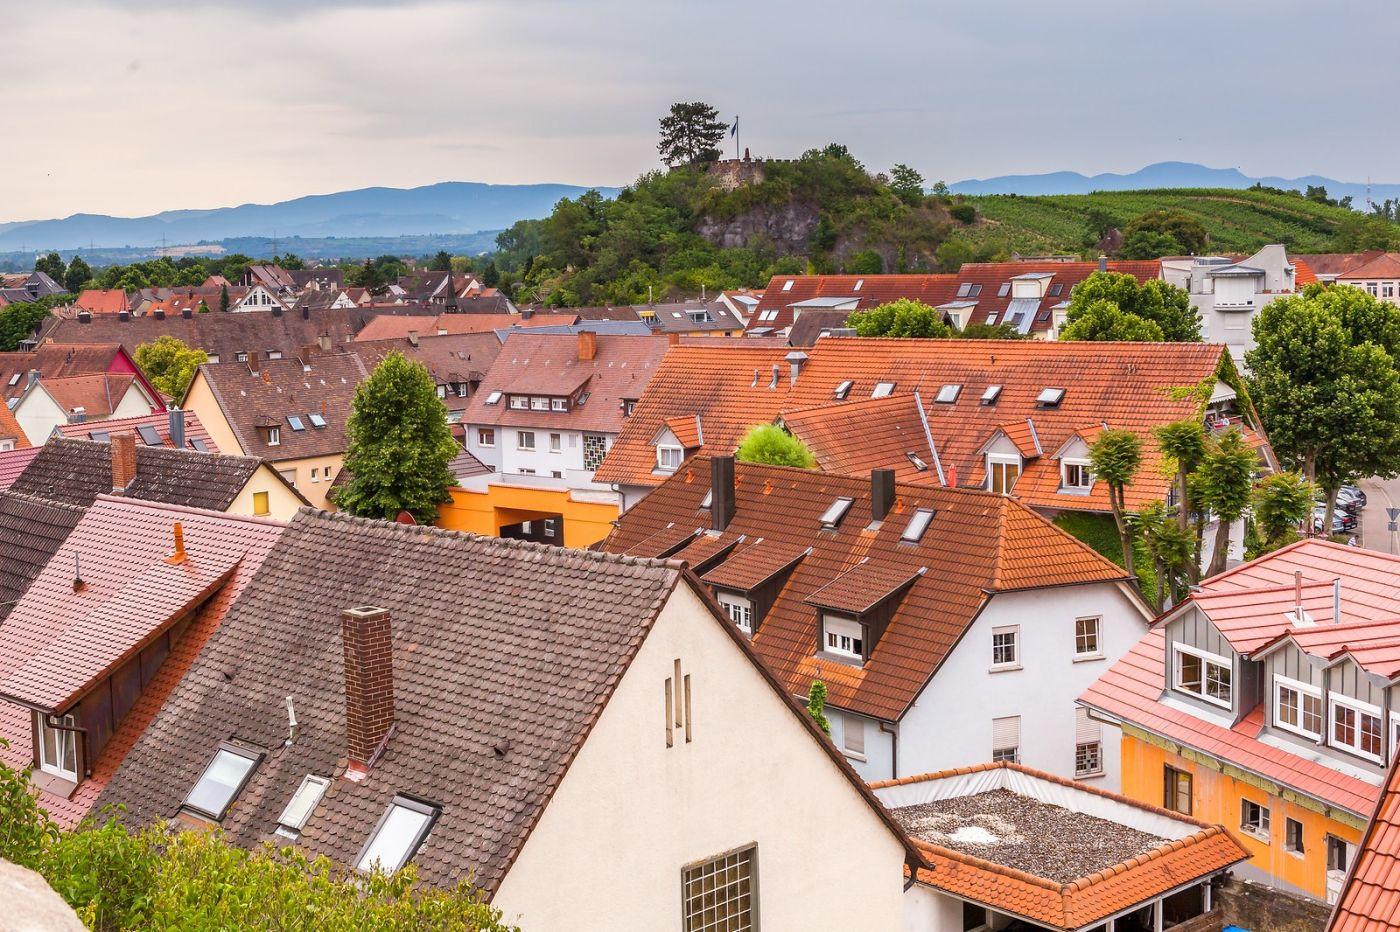 德国布赖萨赫(Breisach),小城故事_图1-6